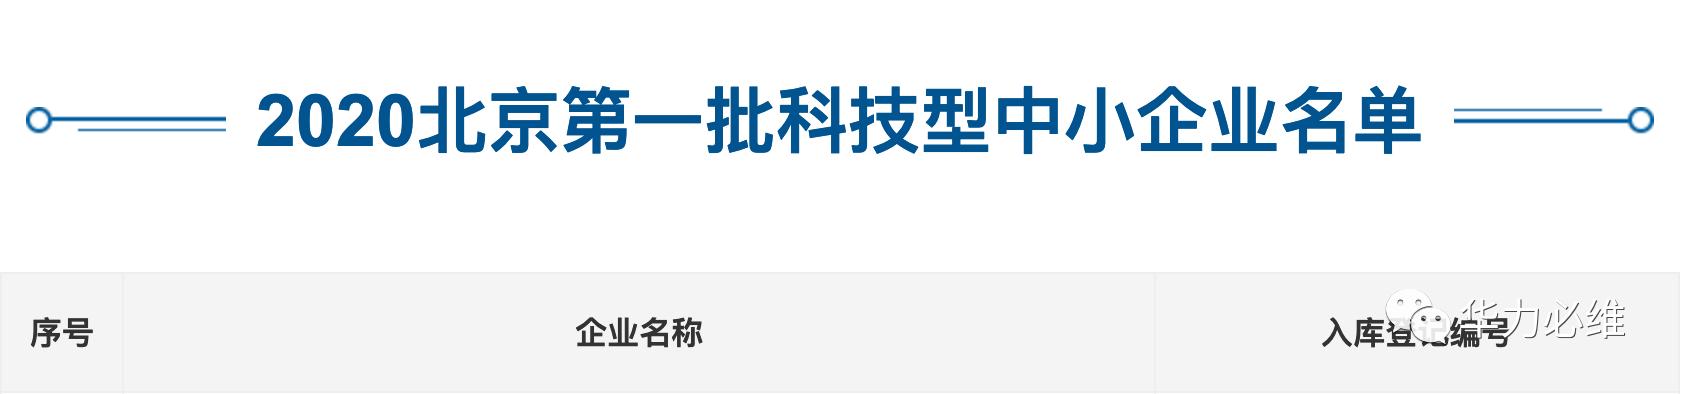 创领发展 | 华力必维被认定为北京2020年第一批科技型中小企业